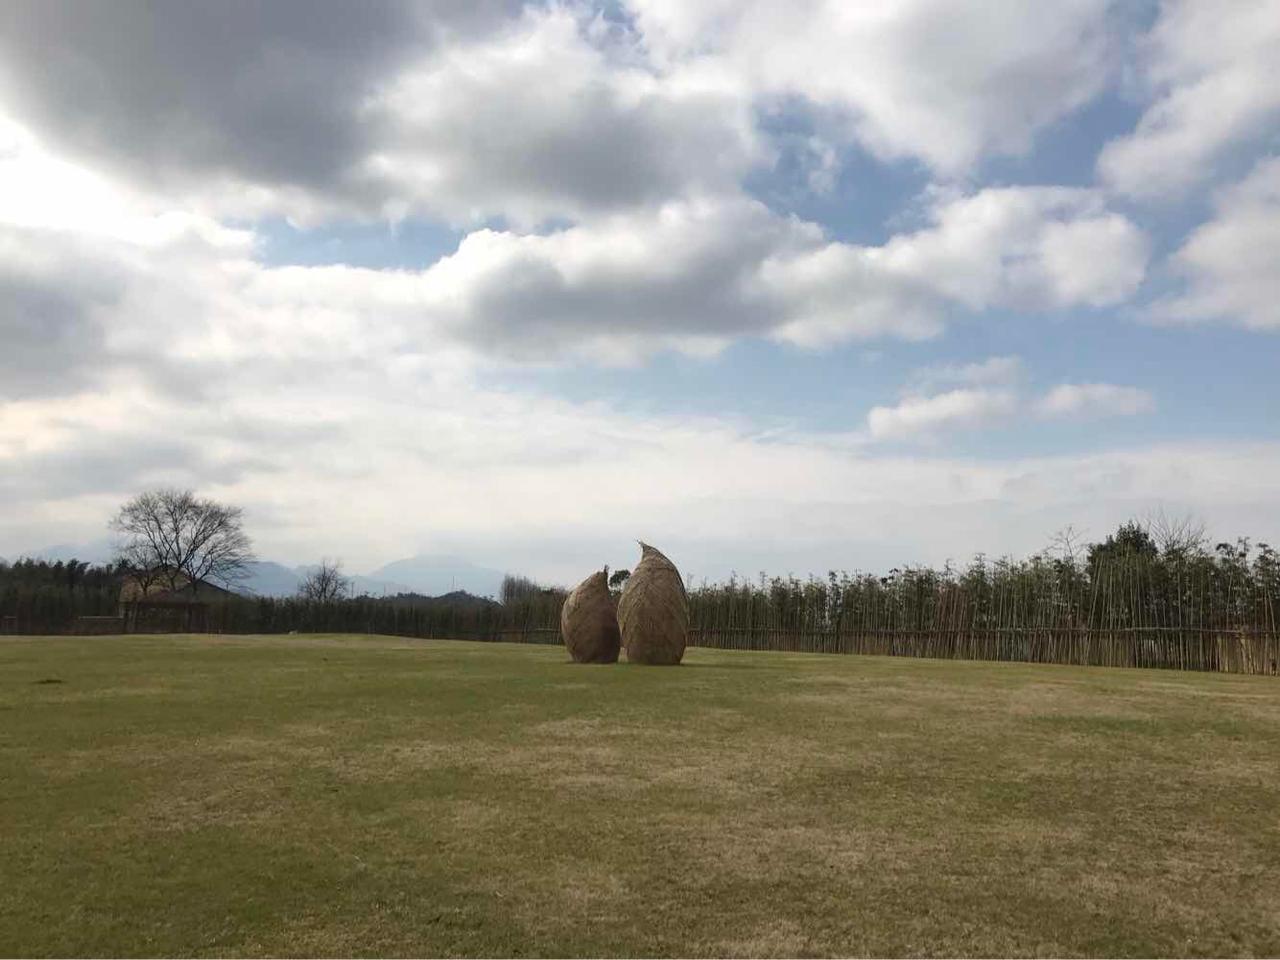 享江南天池滑雪,观江南天池景区,赠送安吉君澜石语汤池,入住安吉图片